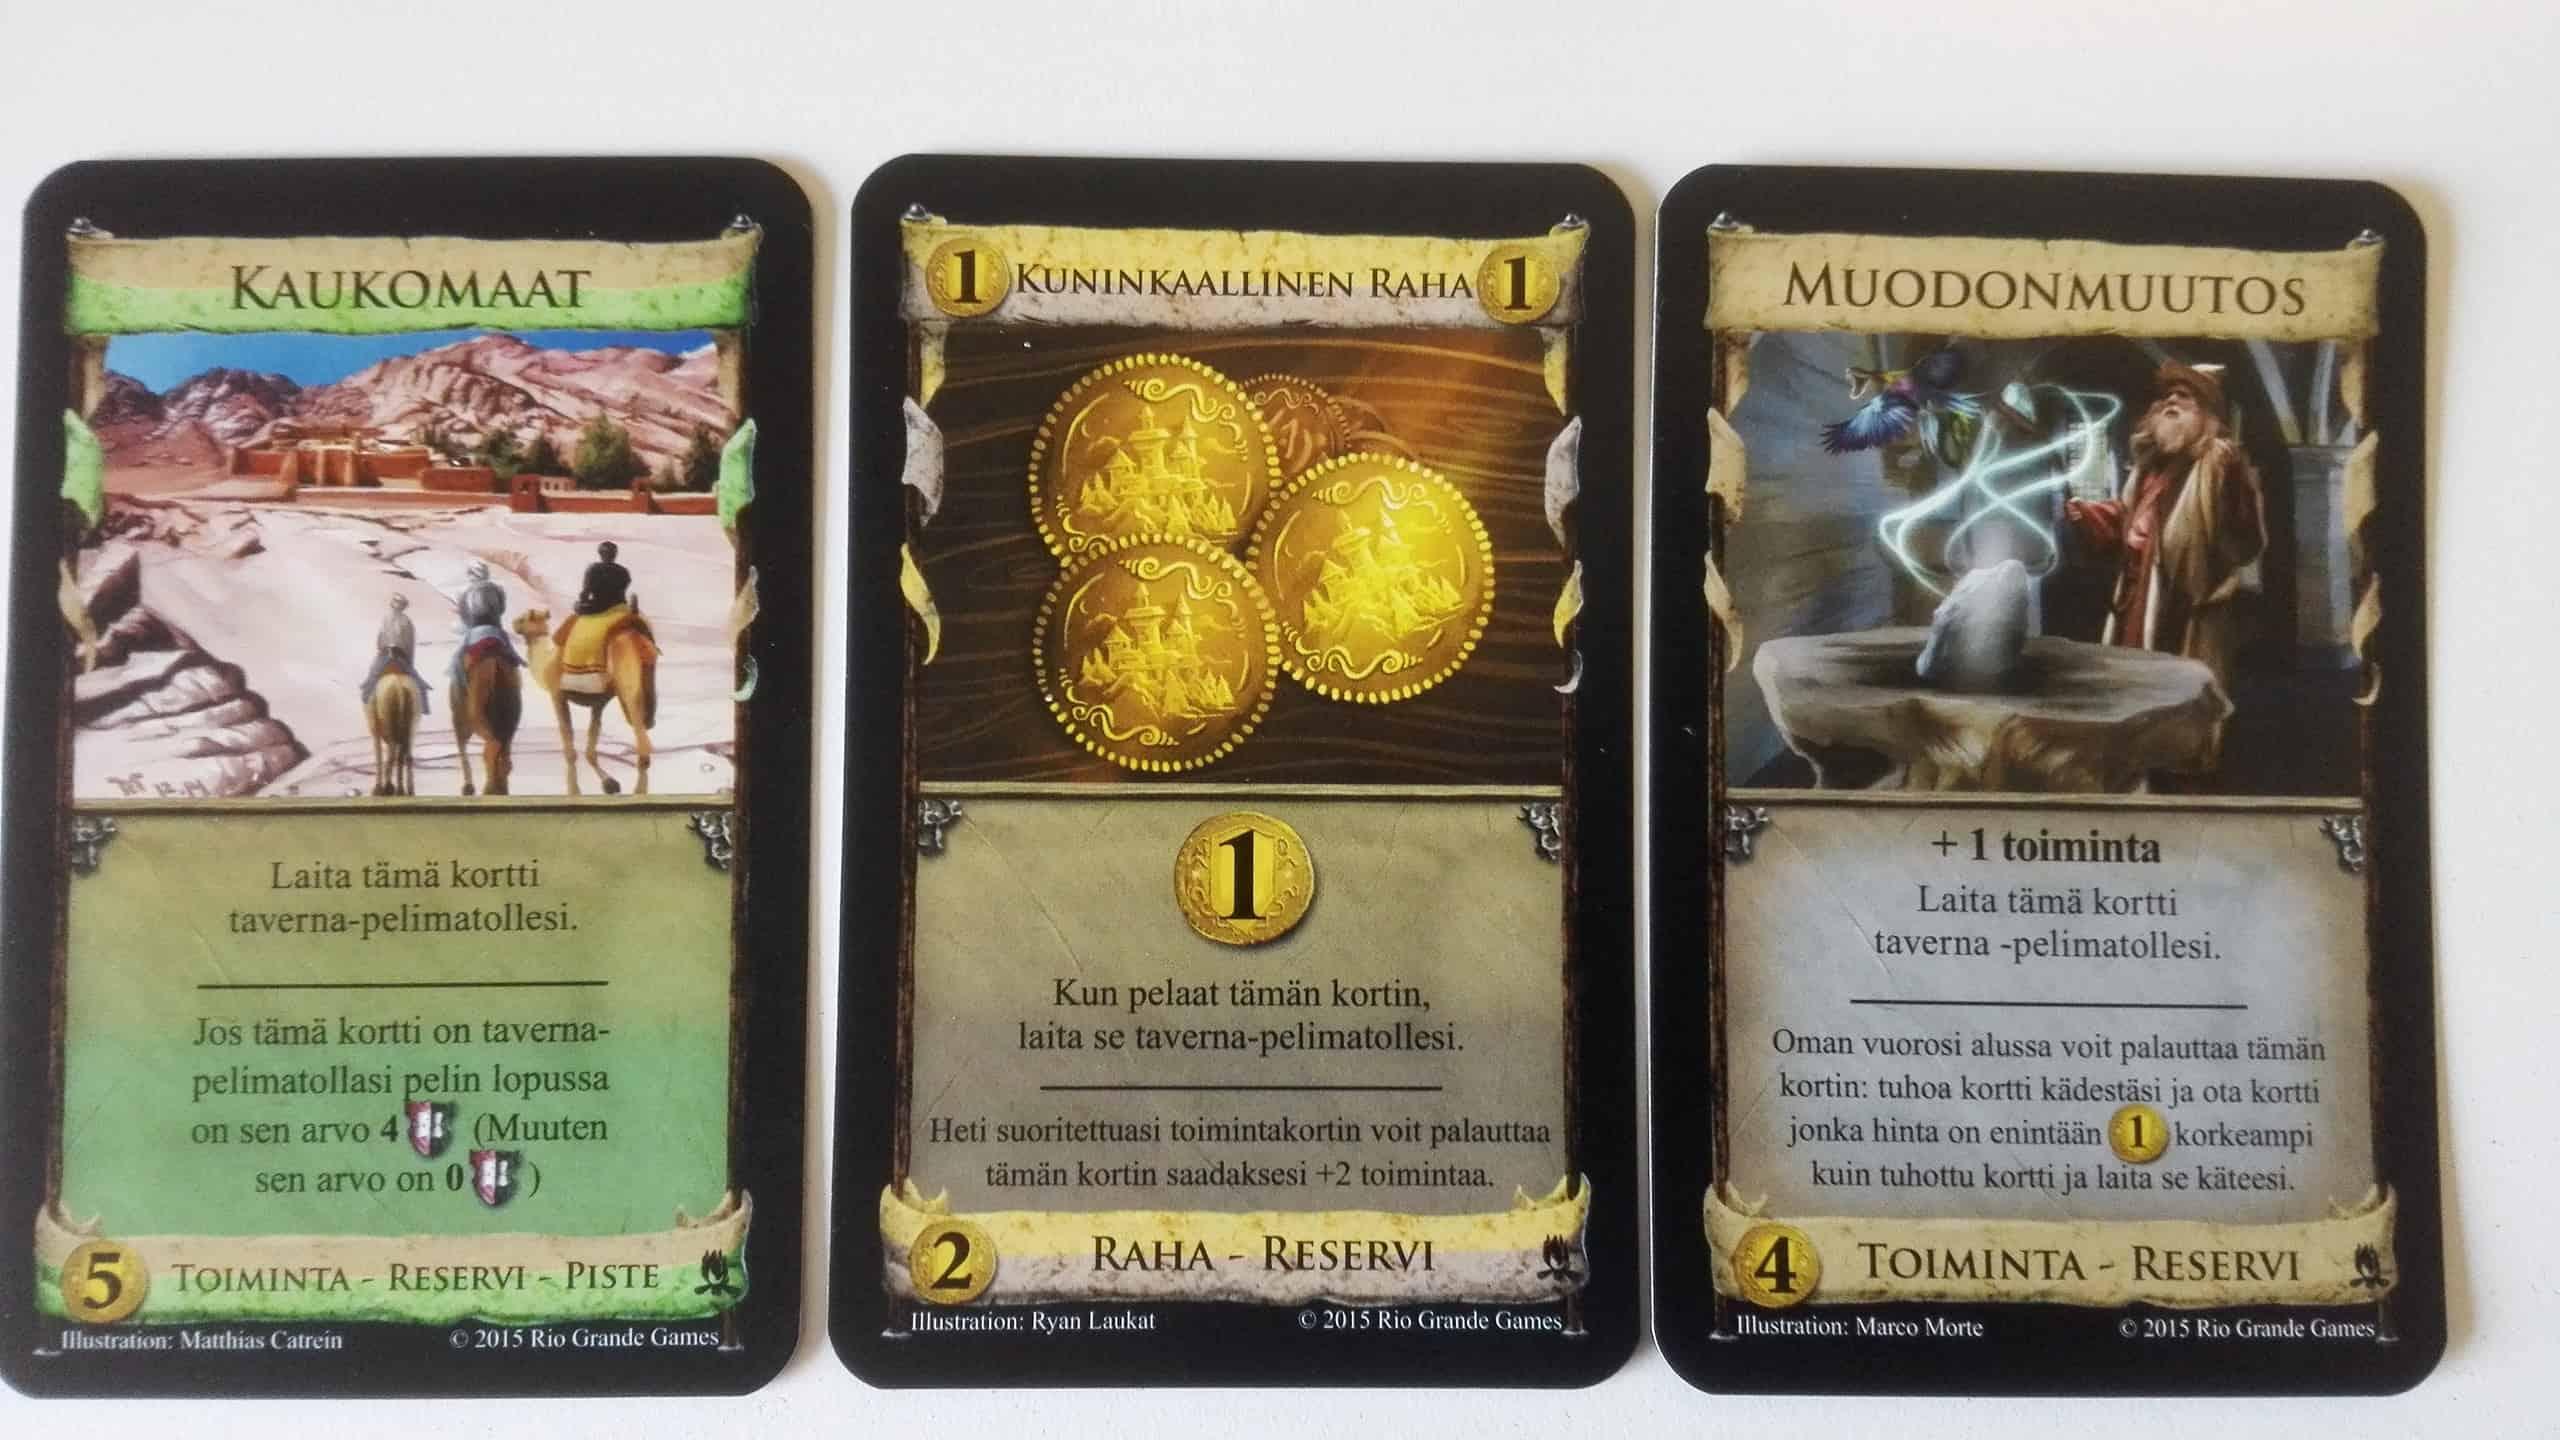 Kolme erilaista reservikorttia: Kaukomaat, Kuninkaallinen raha ja Muodonmuutos